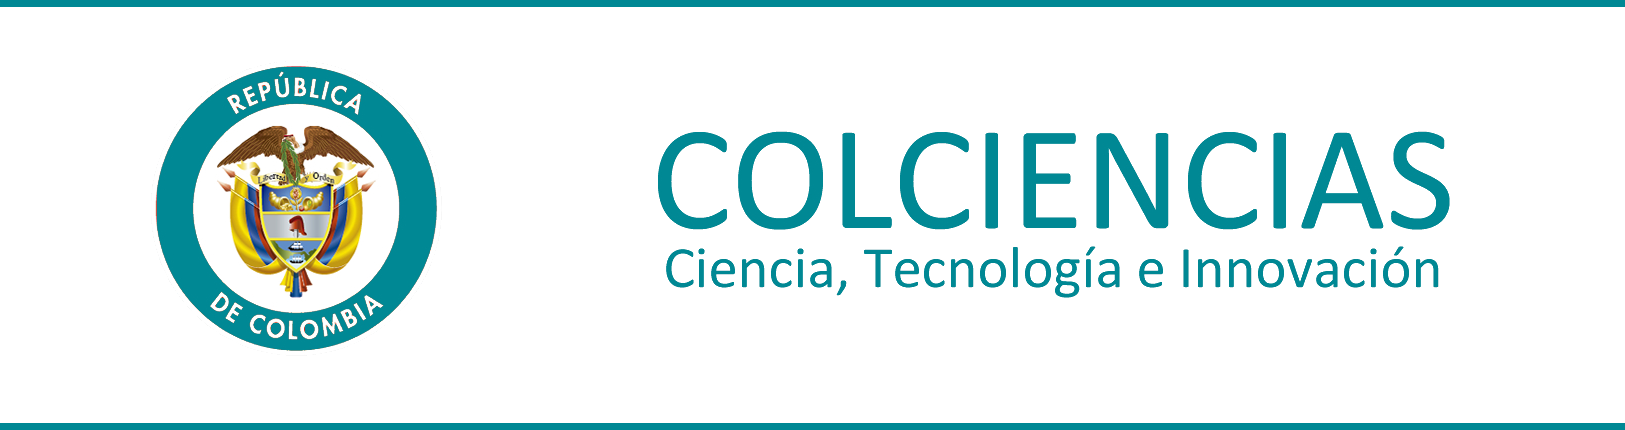 Departamento Administrativo de Ciencia, Tecnologia e Innovación Colciencias